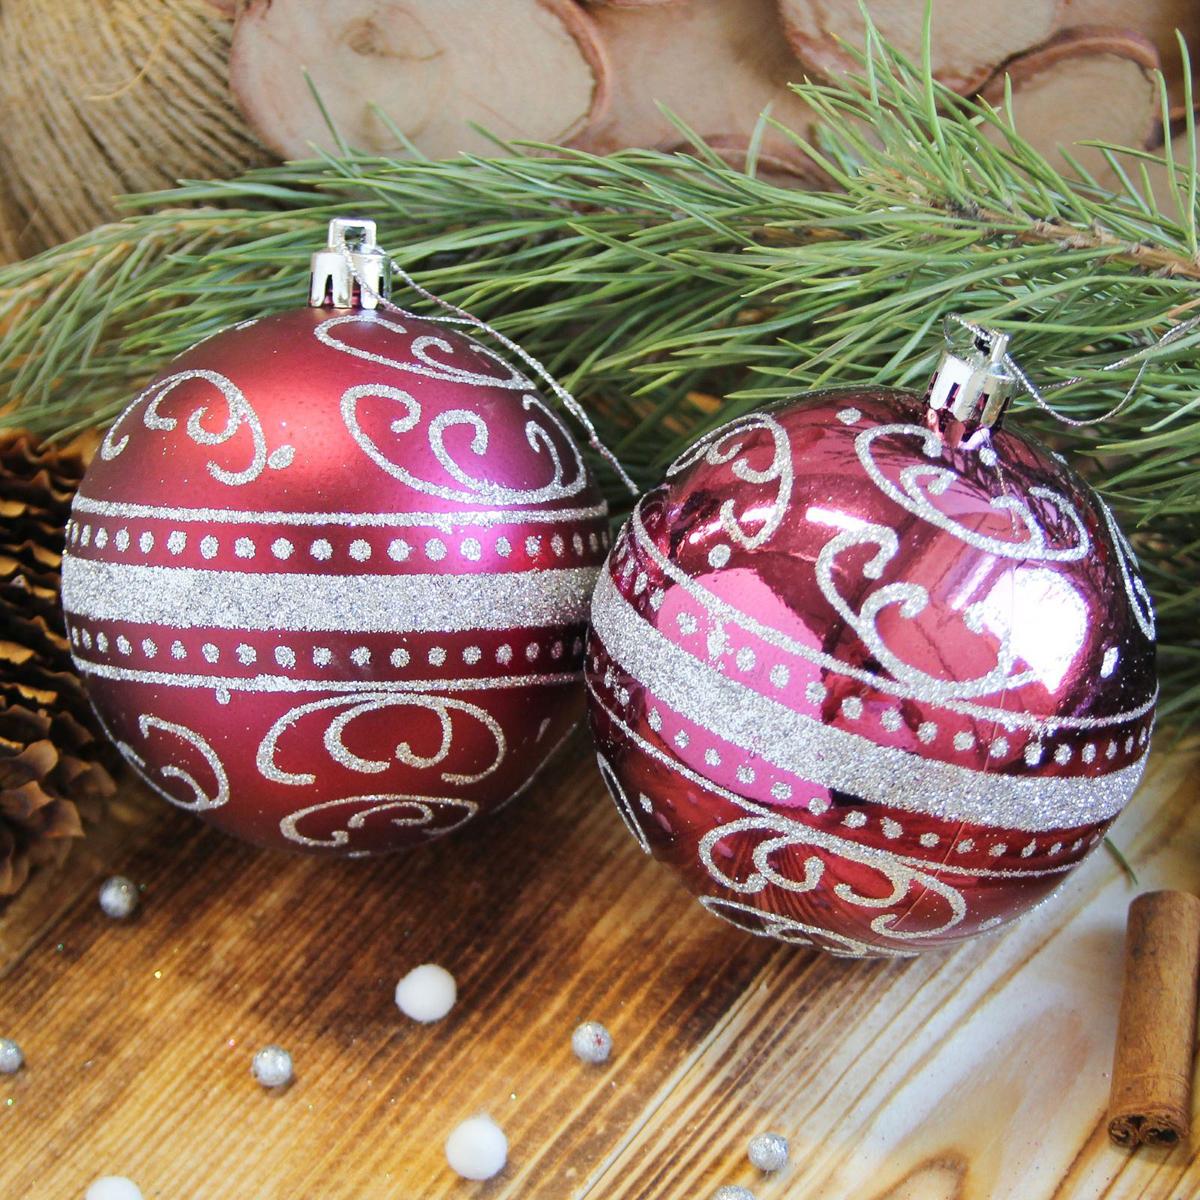 Набор новогодних подвесных украшений Sima-land Метель, цвет: бордовый, диаметр 8 см, 6 шт2122983Набор новогодних подвесных украшений Sima-land отлично подойдет для декорации вашего дома и новогодней ели. С помощью специальной петельки украшение можно повесить в любом понравившемся вам месте. Но, конечно, удачнее всего оно будет смотреться на праздничной елке. Елочная игрушка - символ Нового года. Она несет в себе волшебство и красоту праздника. Создайте в своем доме атмосферу веселья и радости, украшая новогоднюю елку нарядными игрушками, которые будут из года в год накапливать теплоту воспоминаний.